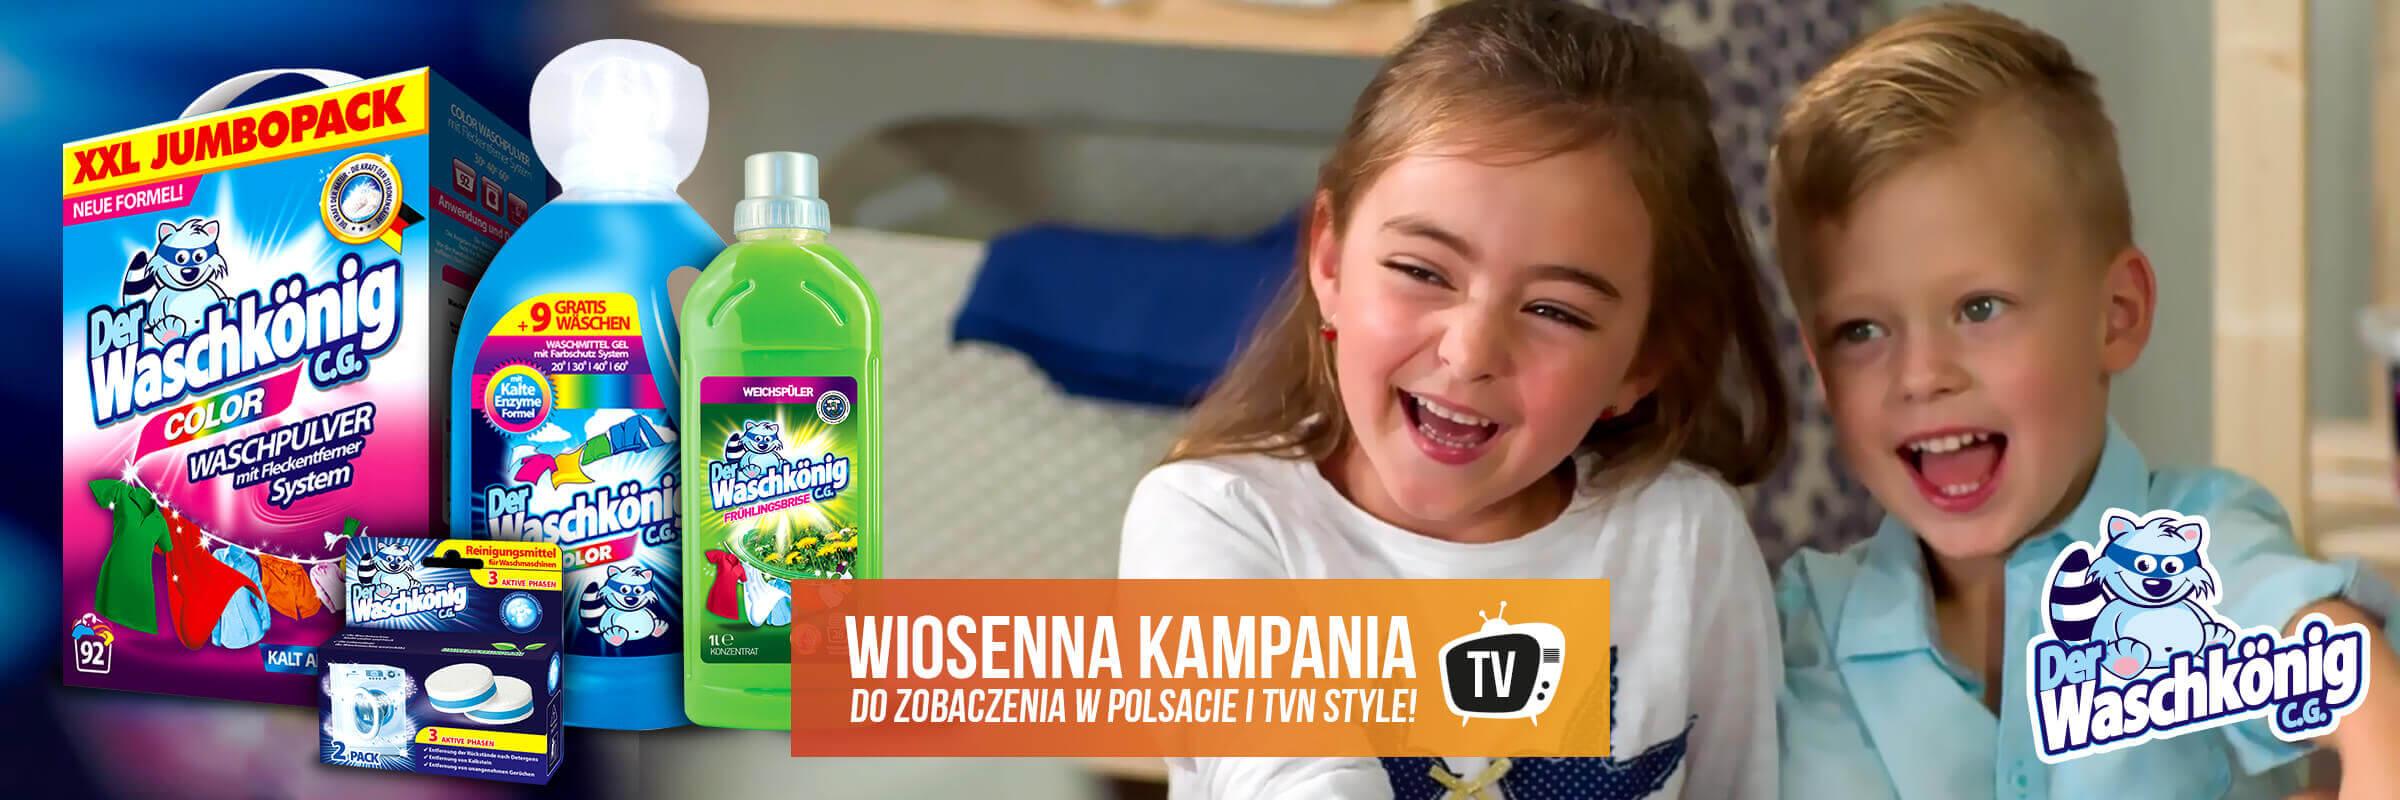 Ruszyła wiosenna kampania marki Waschkonig w polskiej TV!